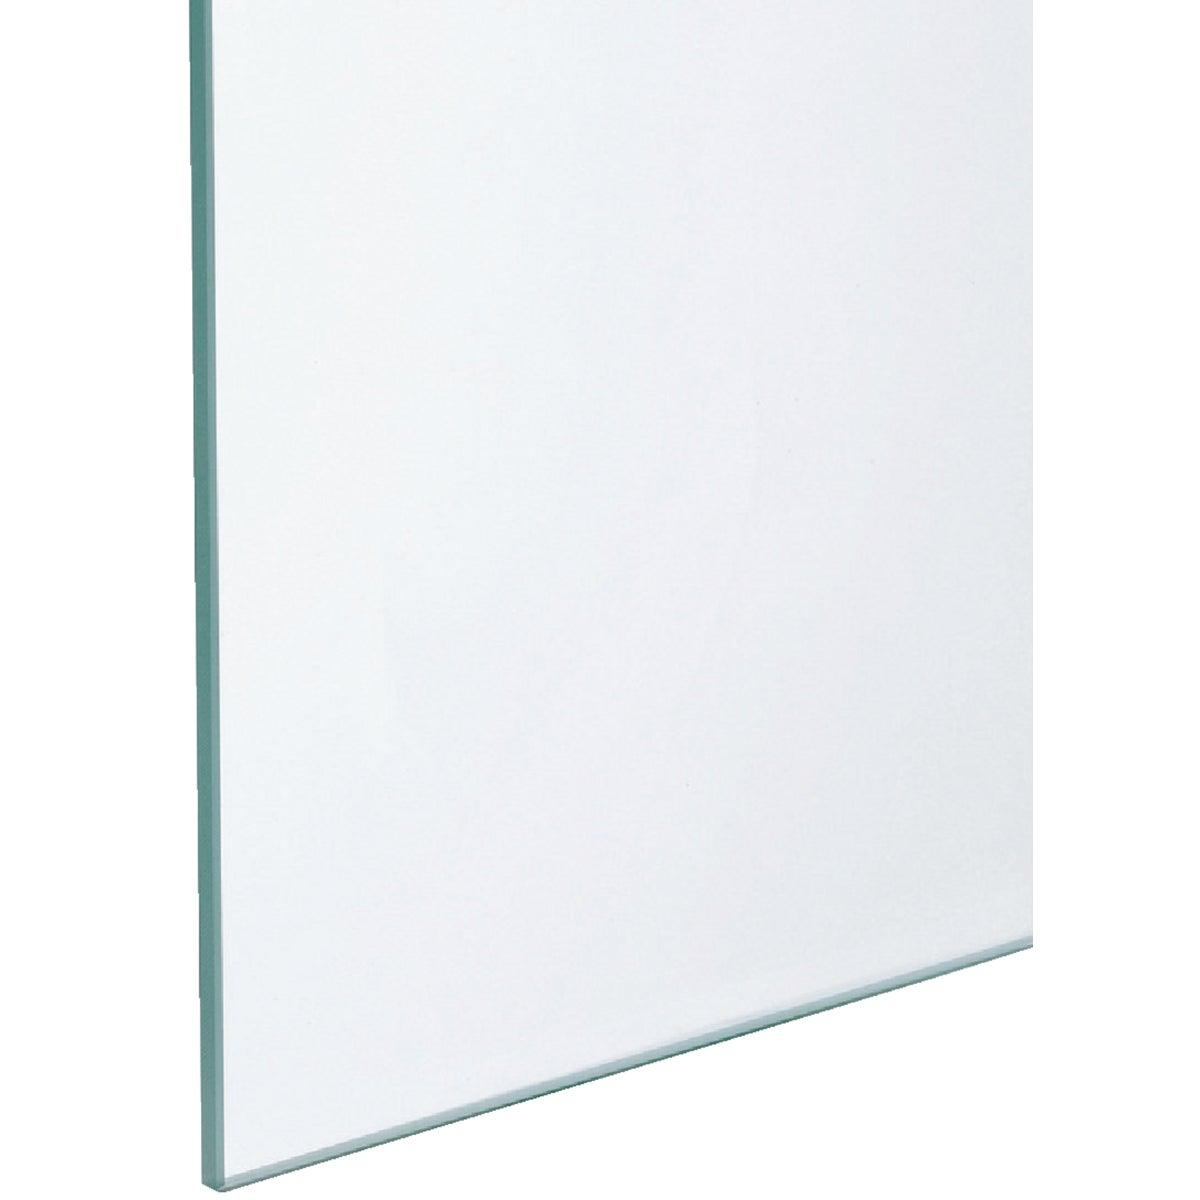 20X24SSB WINDOW GLASS 15